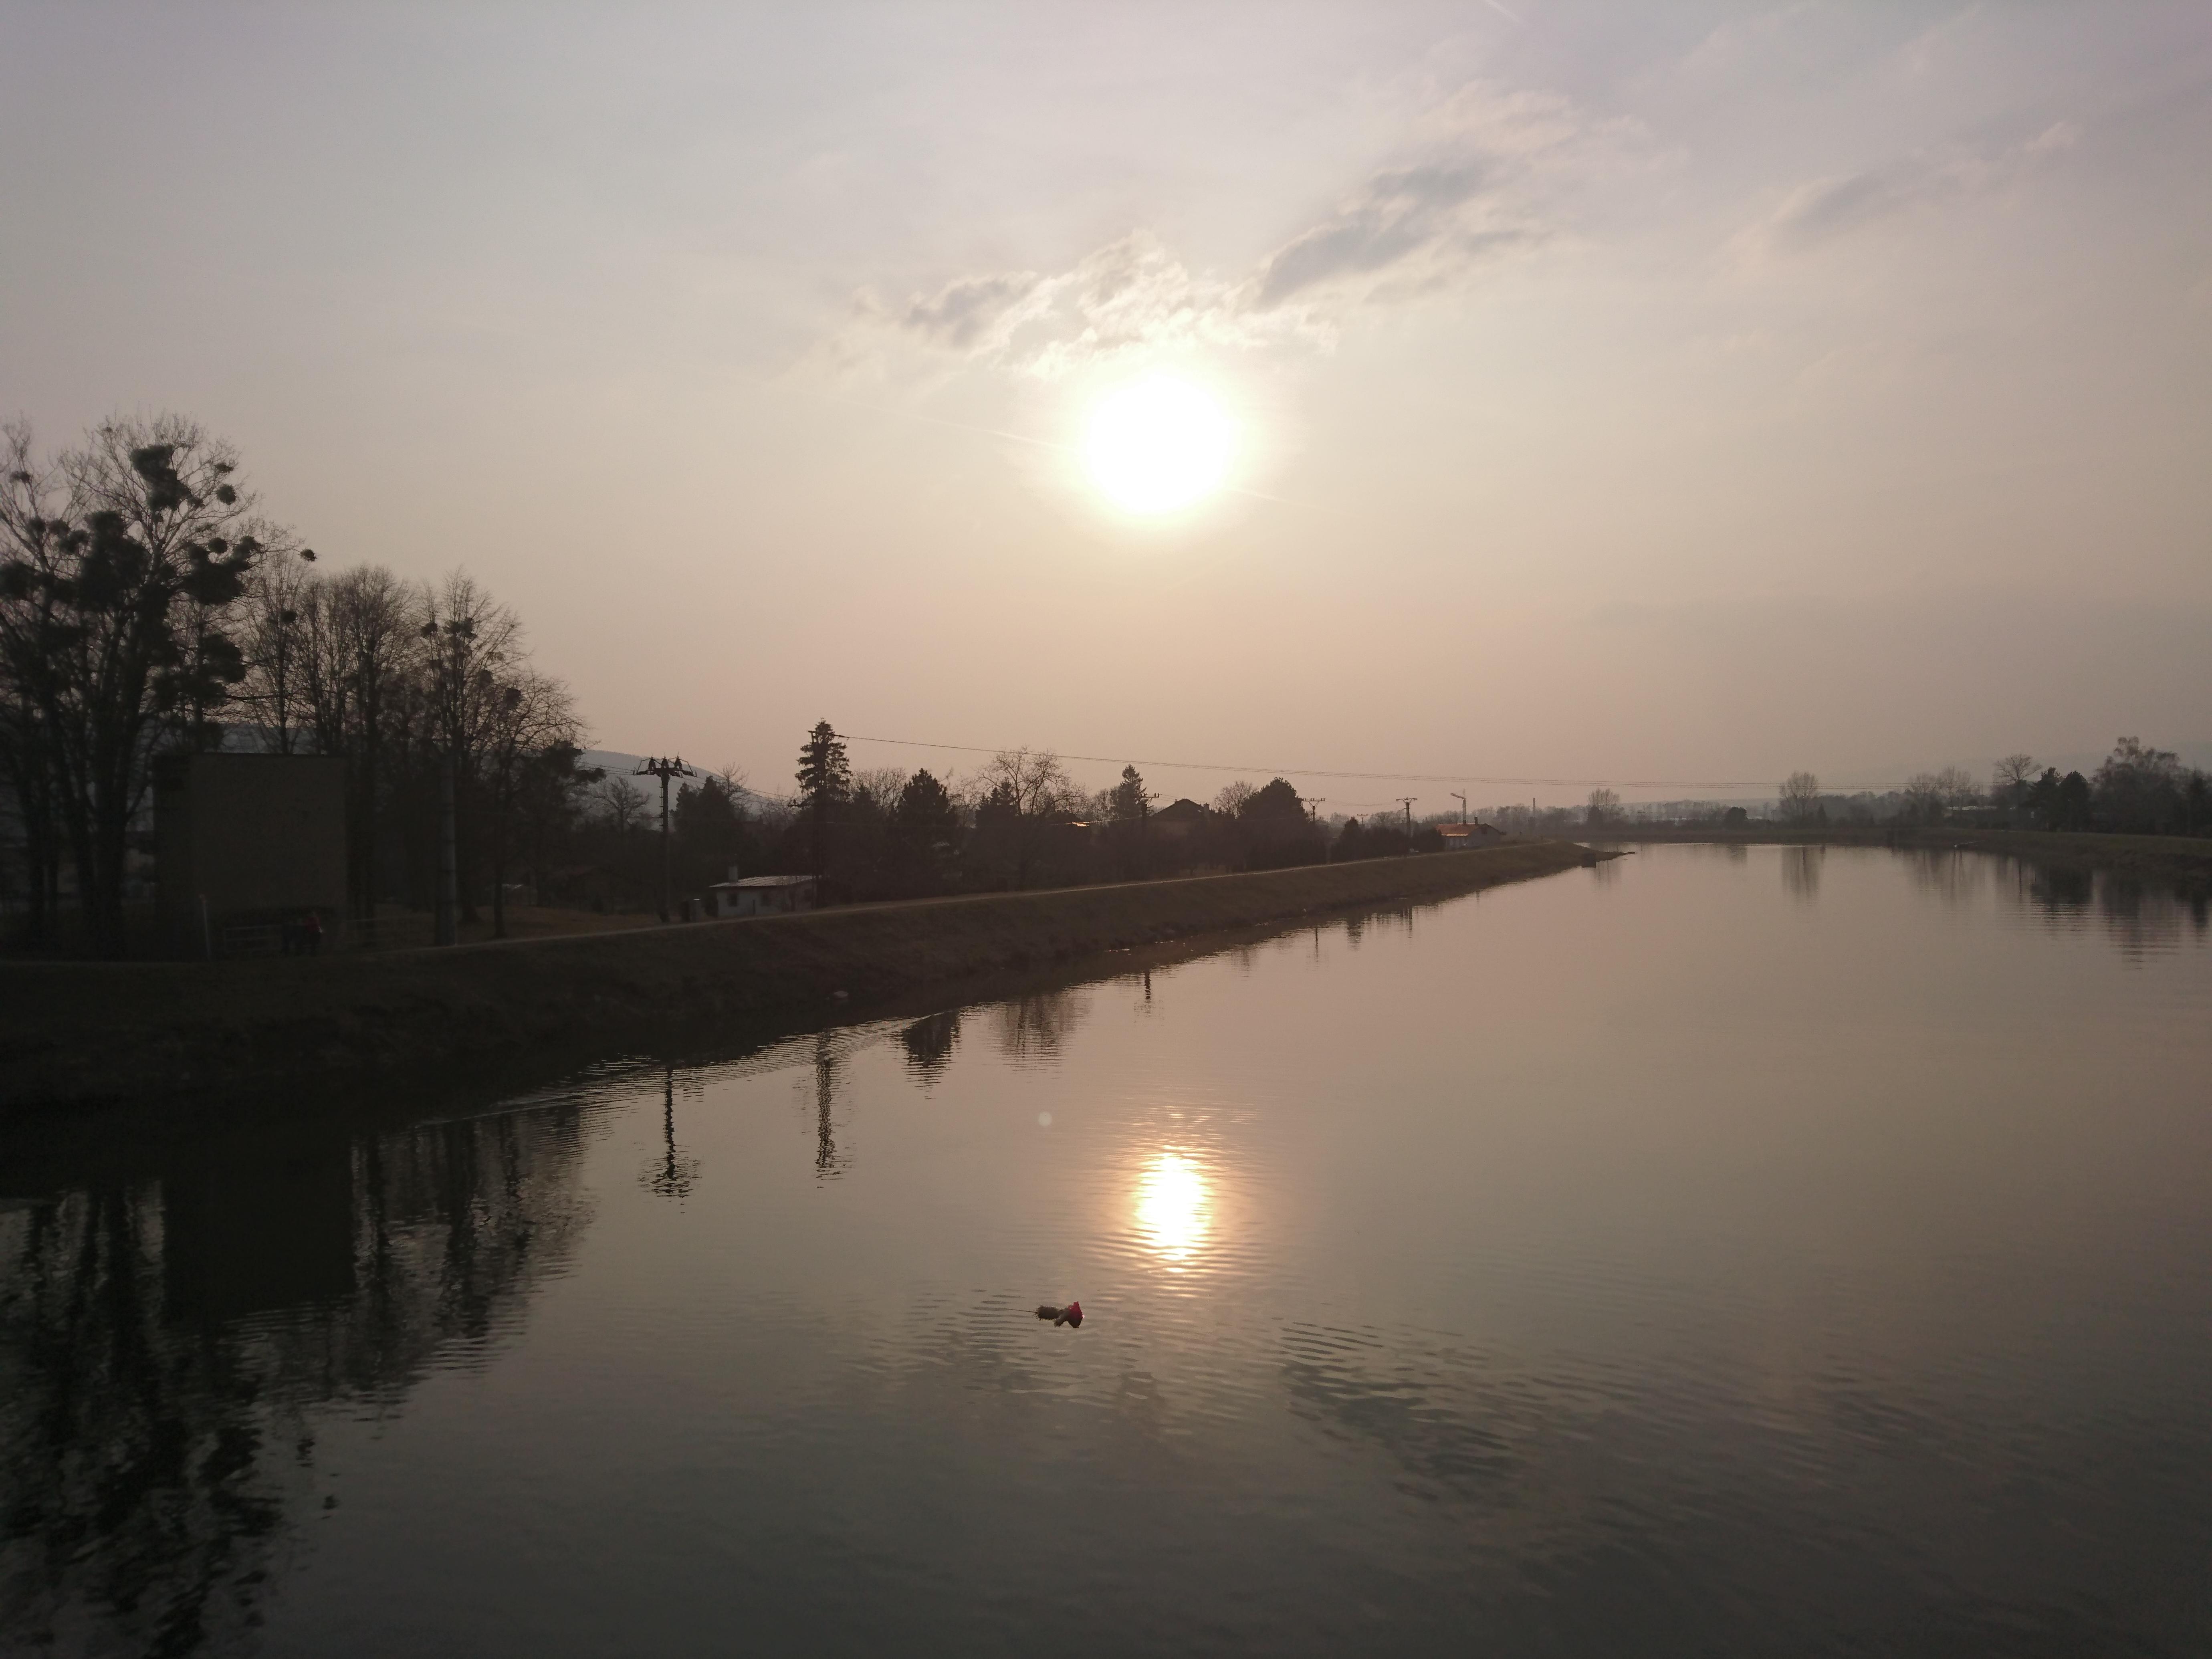 Fotoreportáž z Vítání jara / fotogalerie / Příjemné jarní počasí přispělo k dobrému průběhu akce Vítání jara.